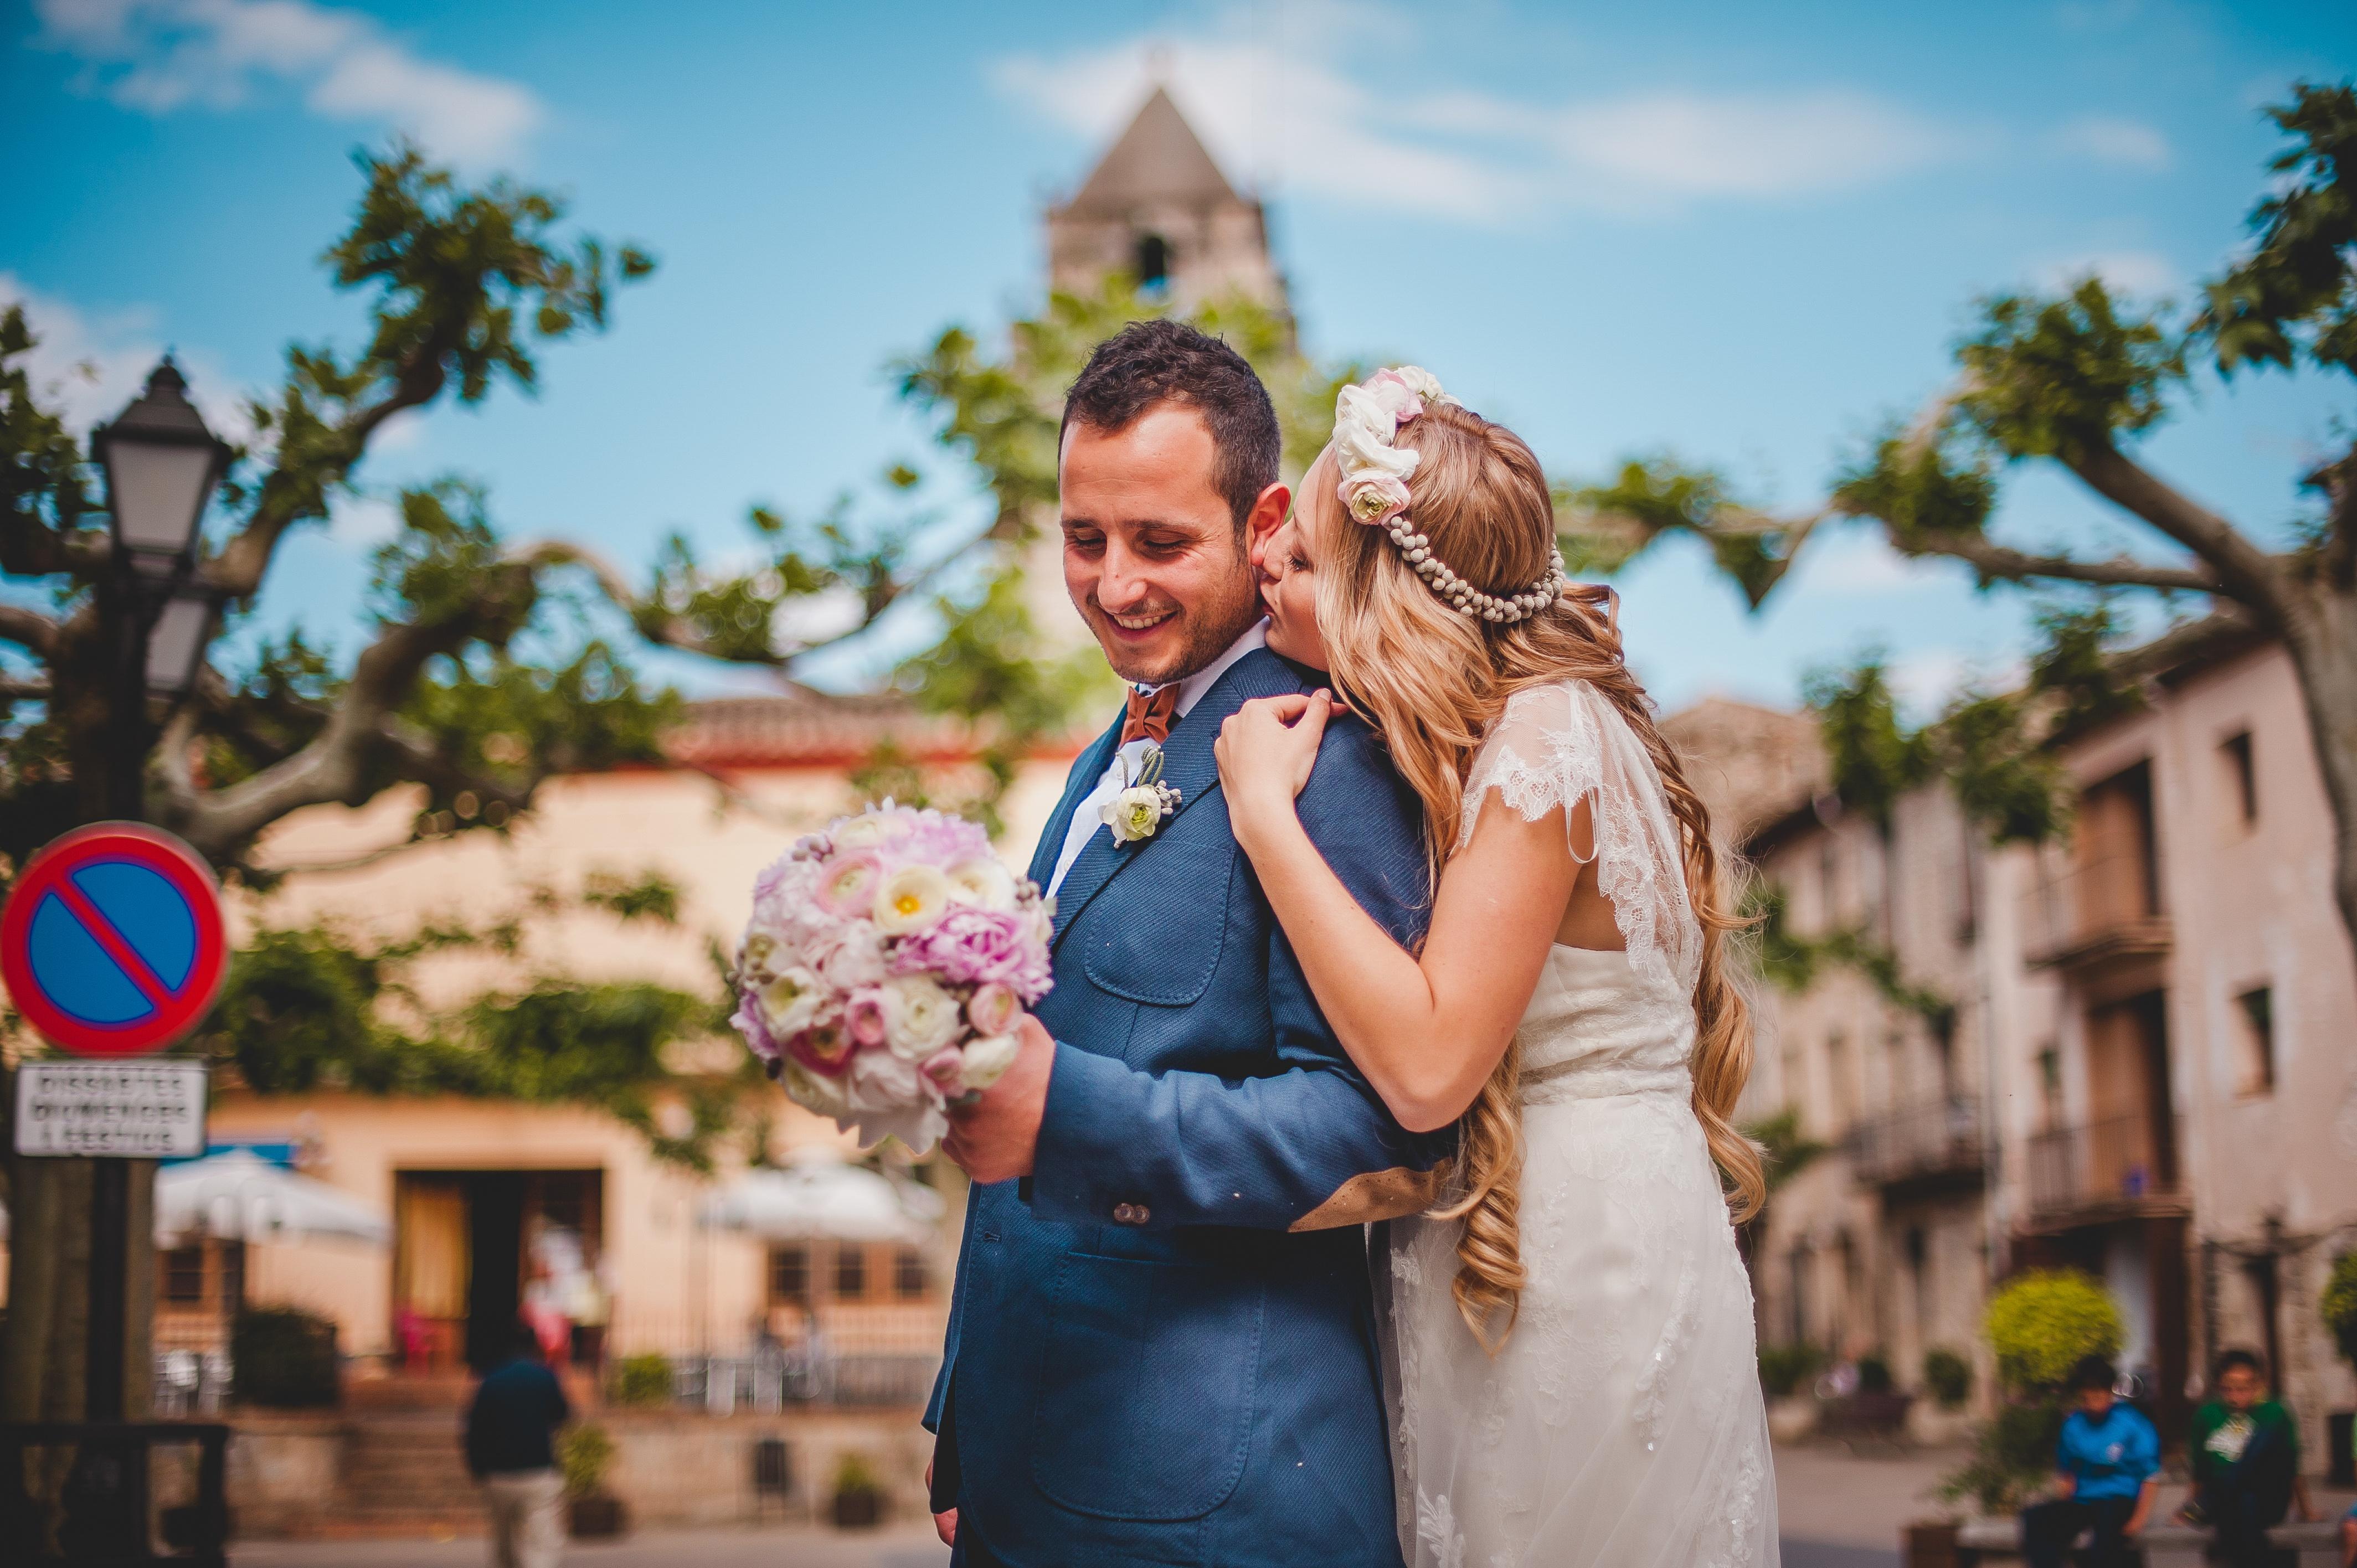 Poroka v petek, zakaj se poročiti v petek, zaobljuba.si, trend porok